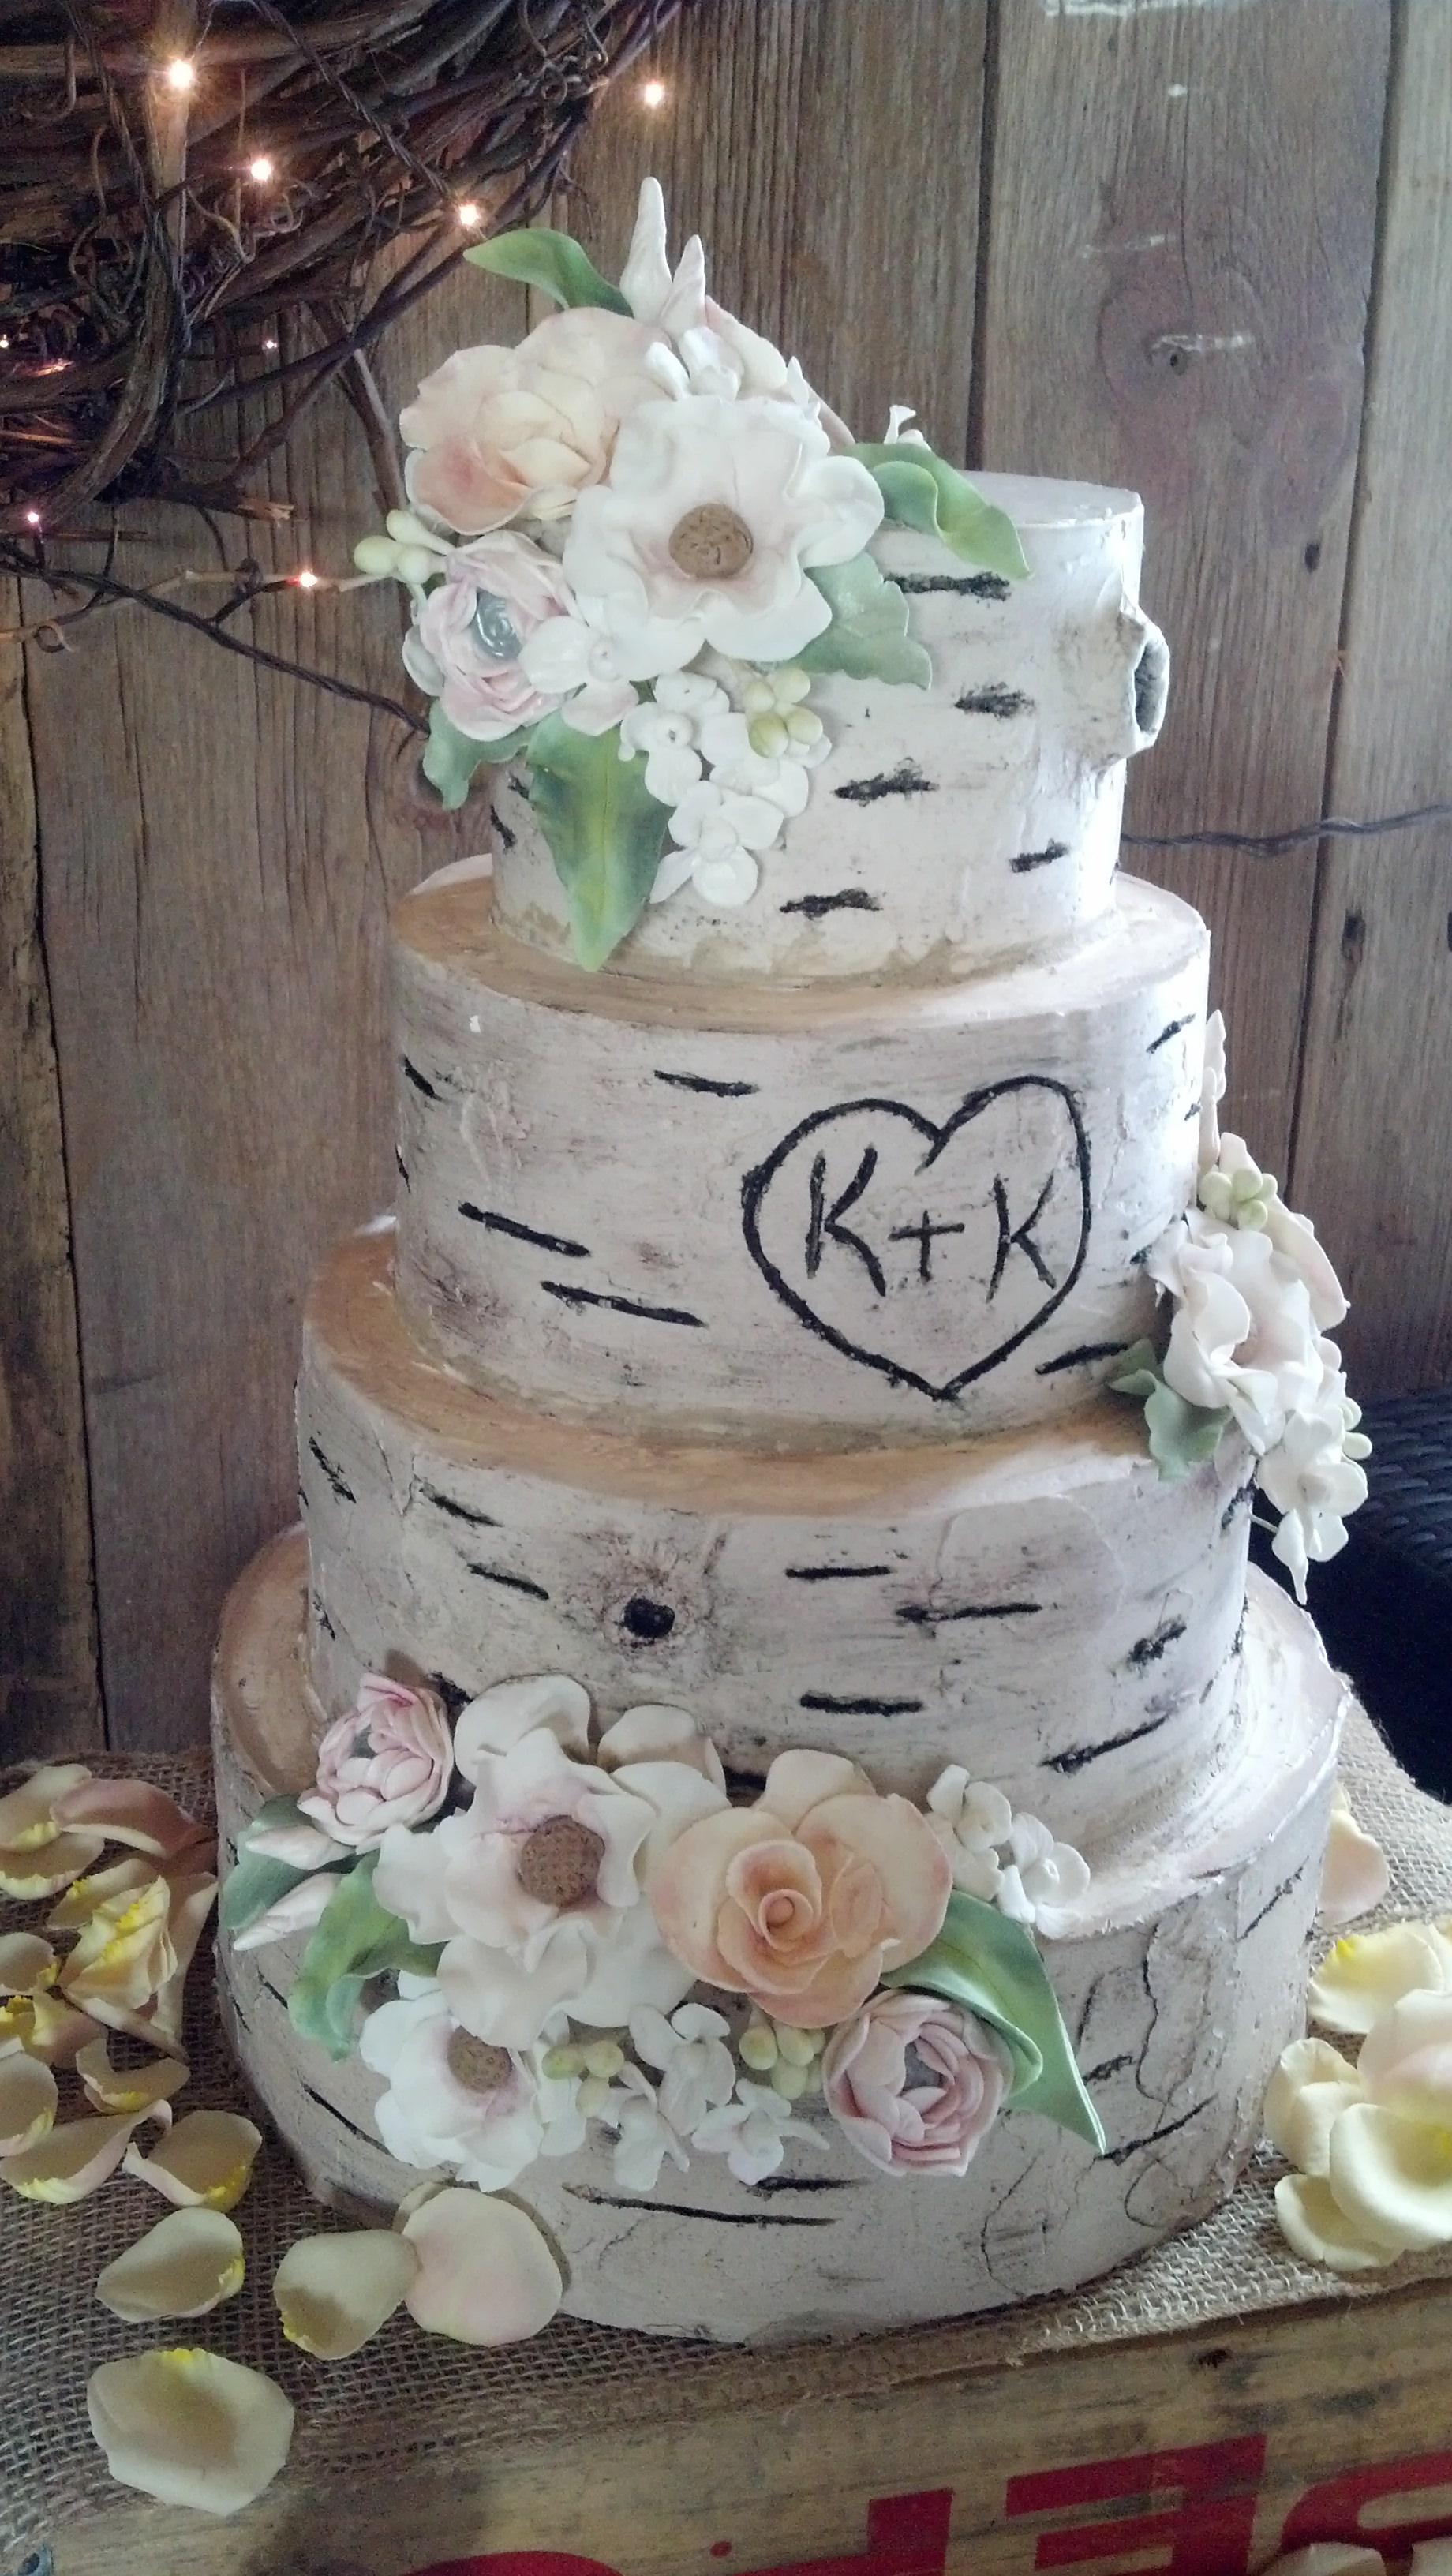 incredible endings cincinnati wedding cakes n kentucky wedding cakes cincinnati wedding cakes. Black Bedroom Furniture Sets. Home Design Ideas